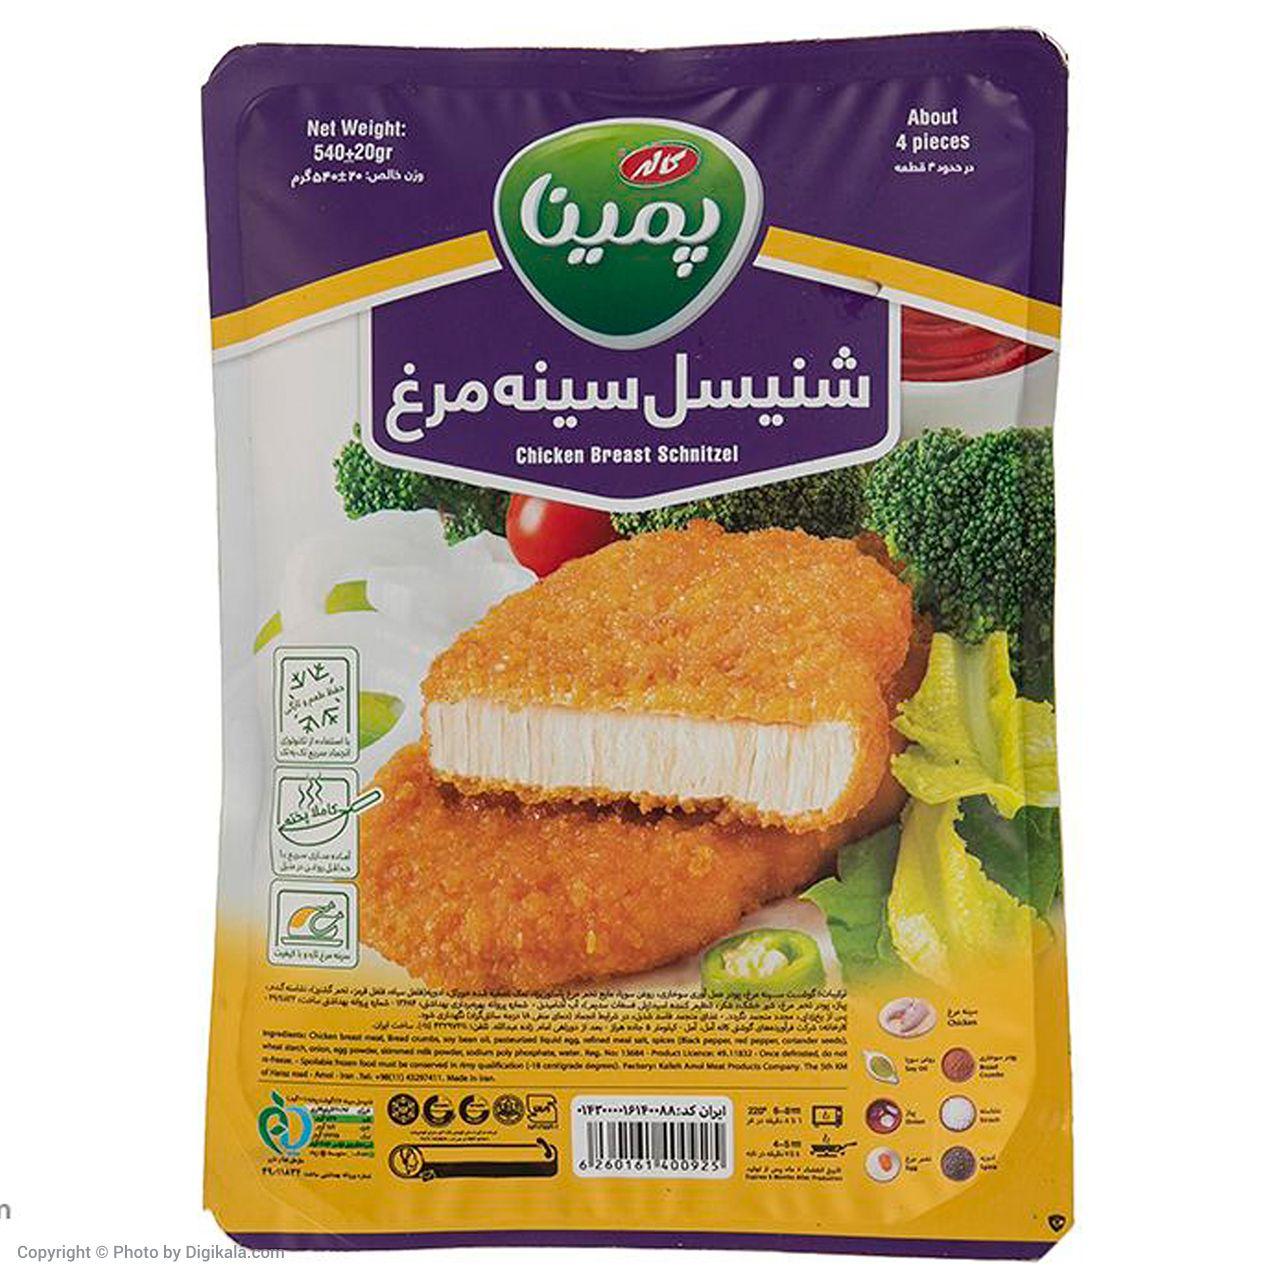 شنیسل سینه مرغ منجمد پمینا مقدار 540 گرم main 1 1